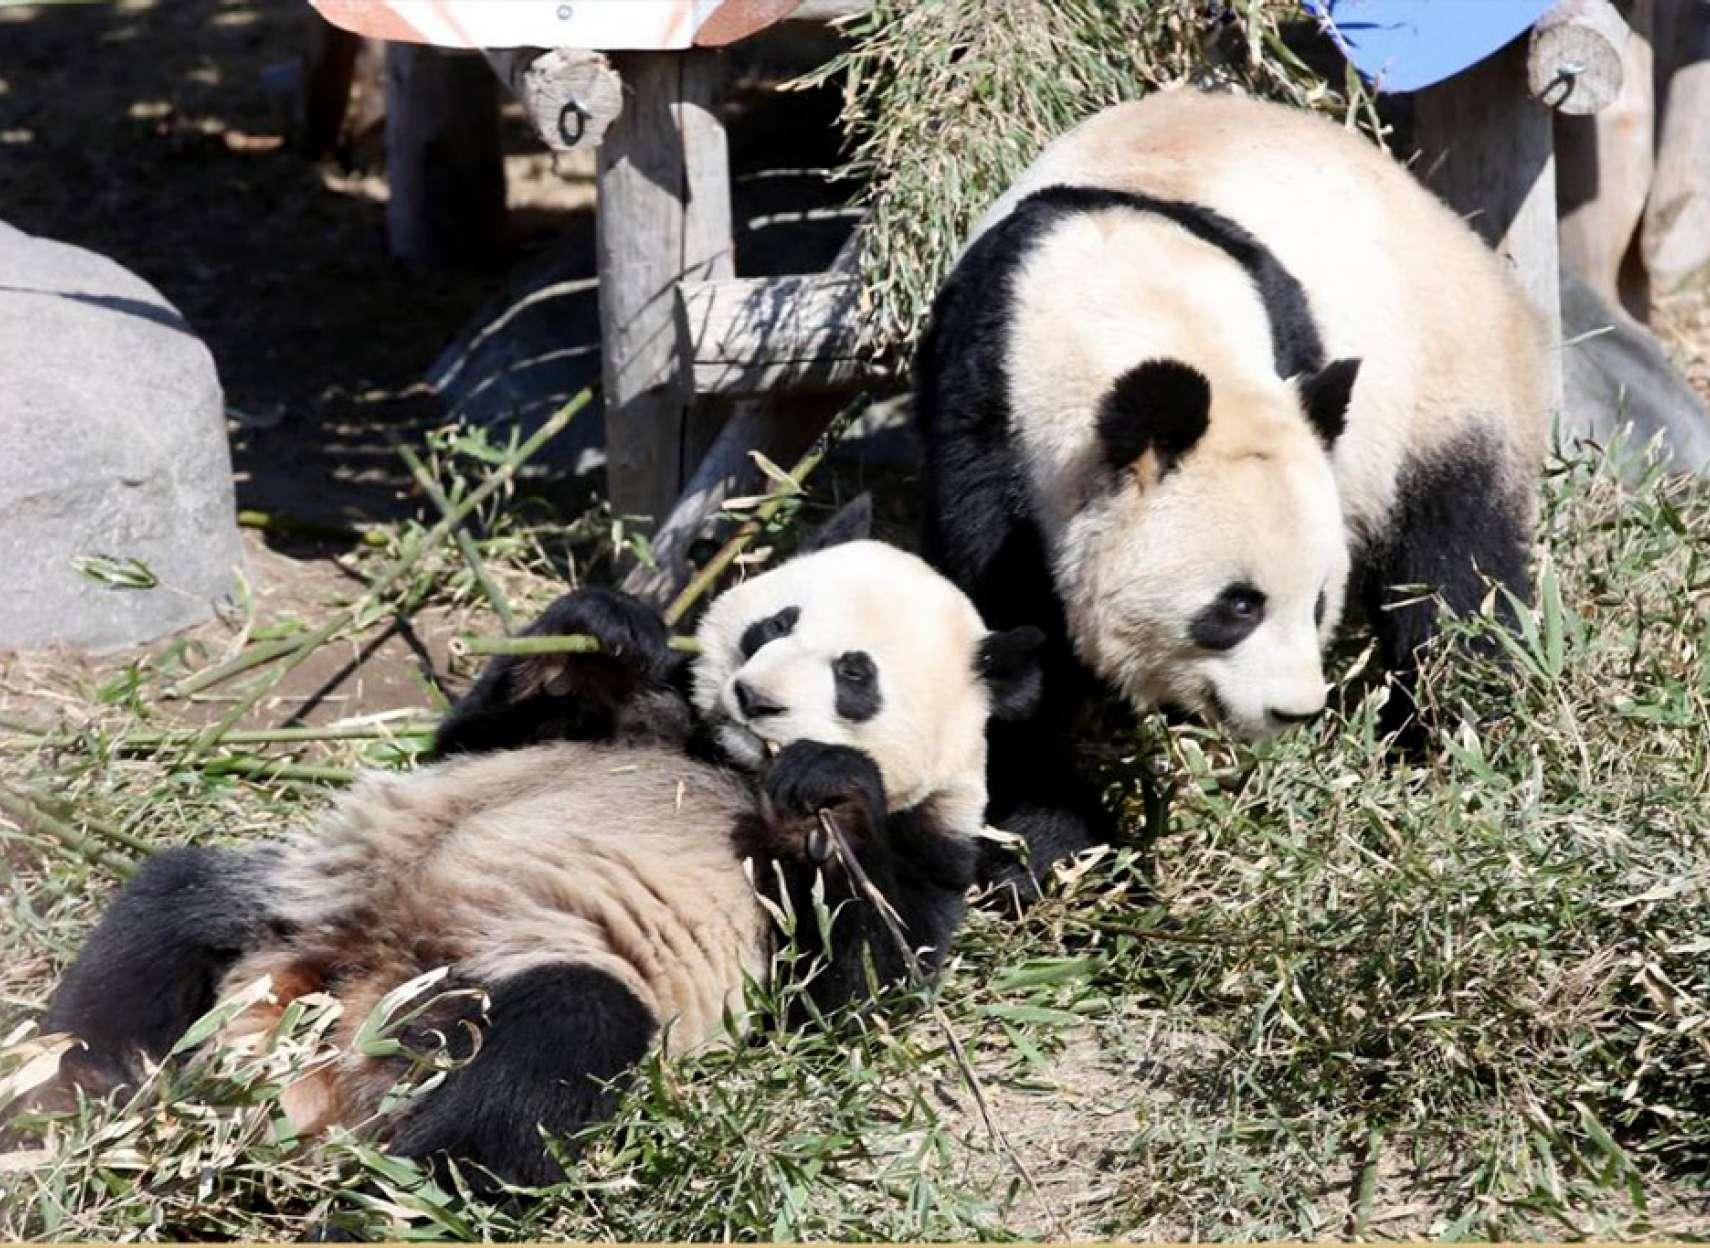 news-panda-toronto-calgary